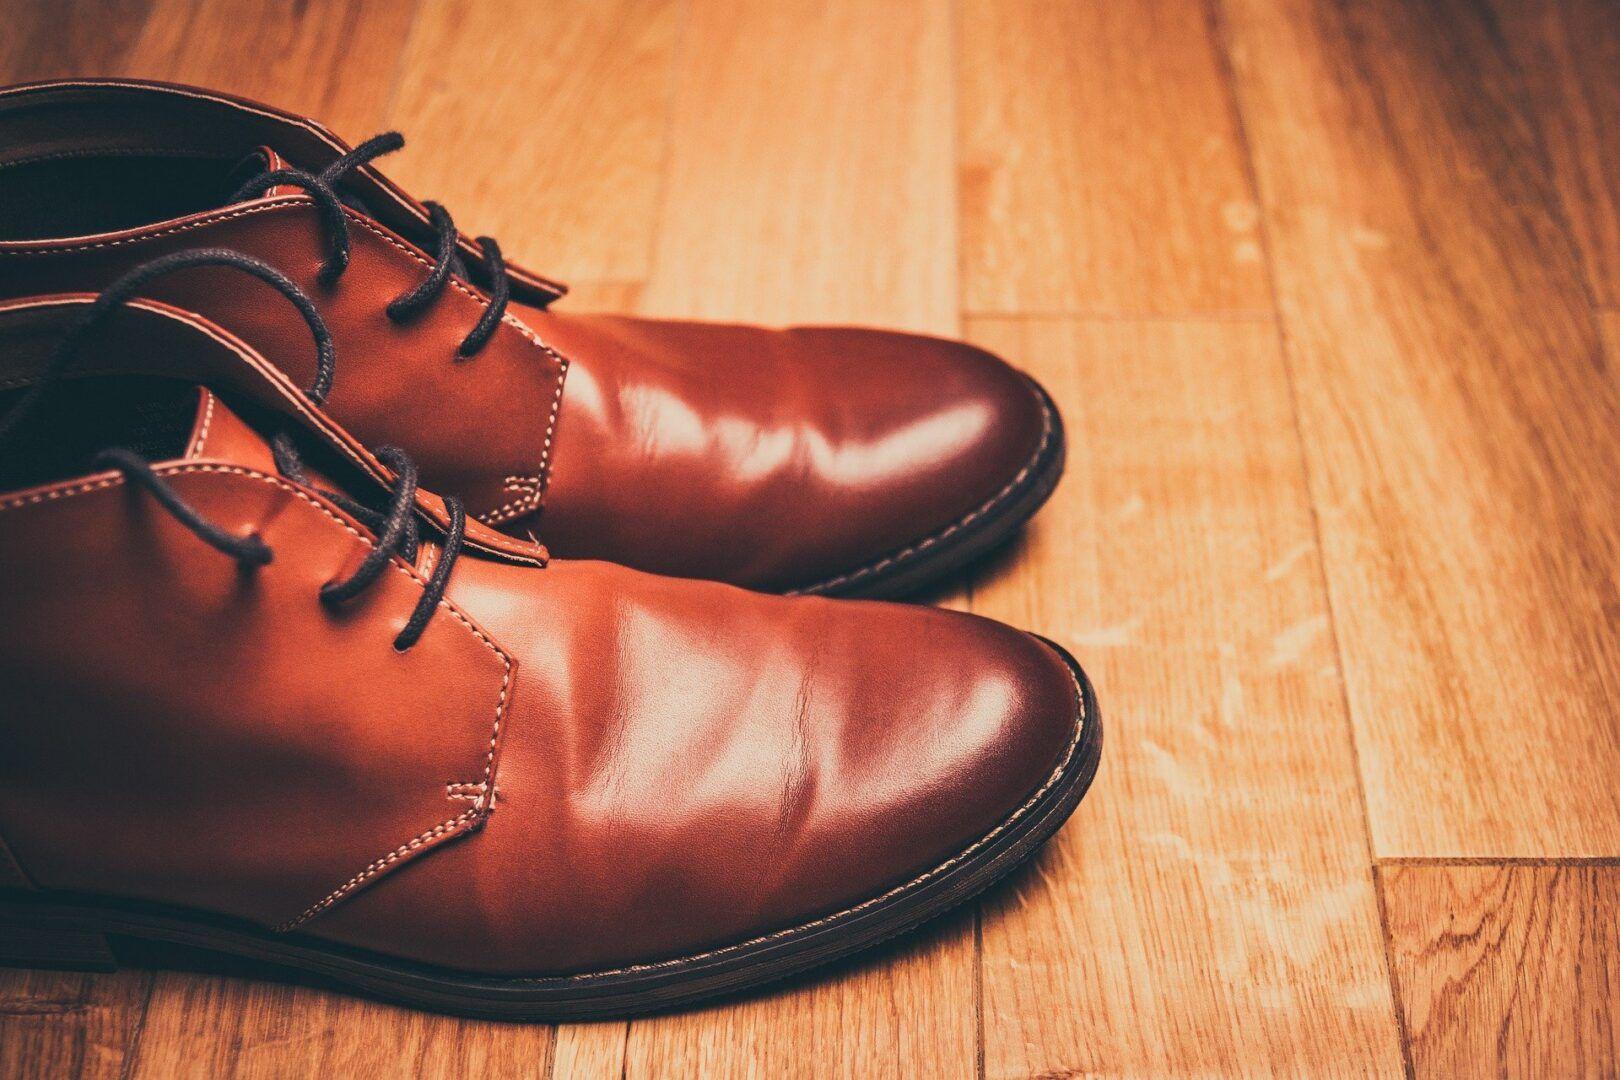 Fotografia de sapatos para ilustração do item